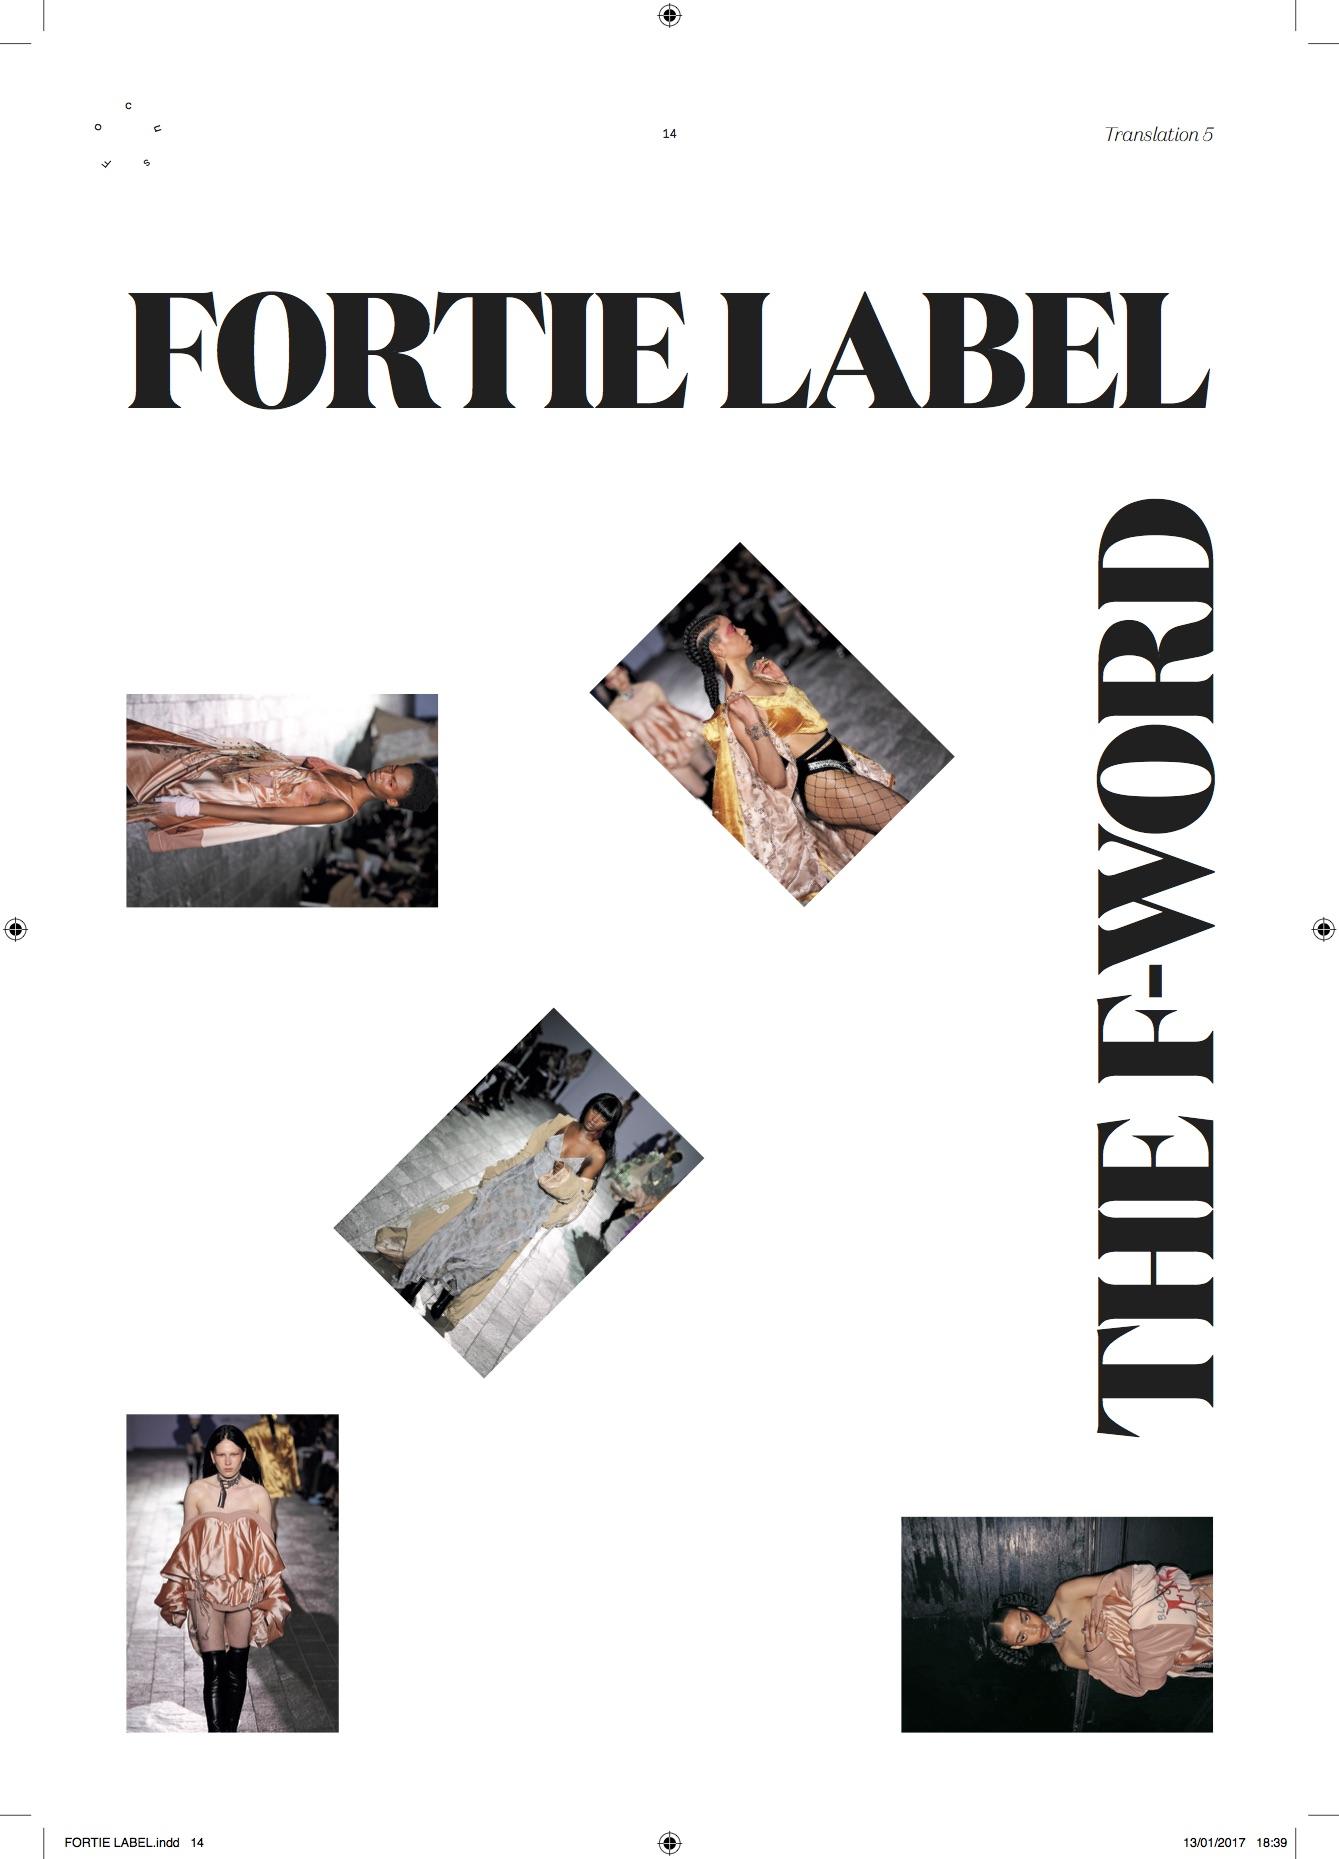 Fortie Label (2).jpg